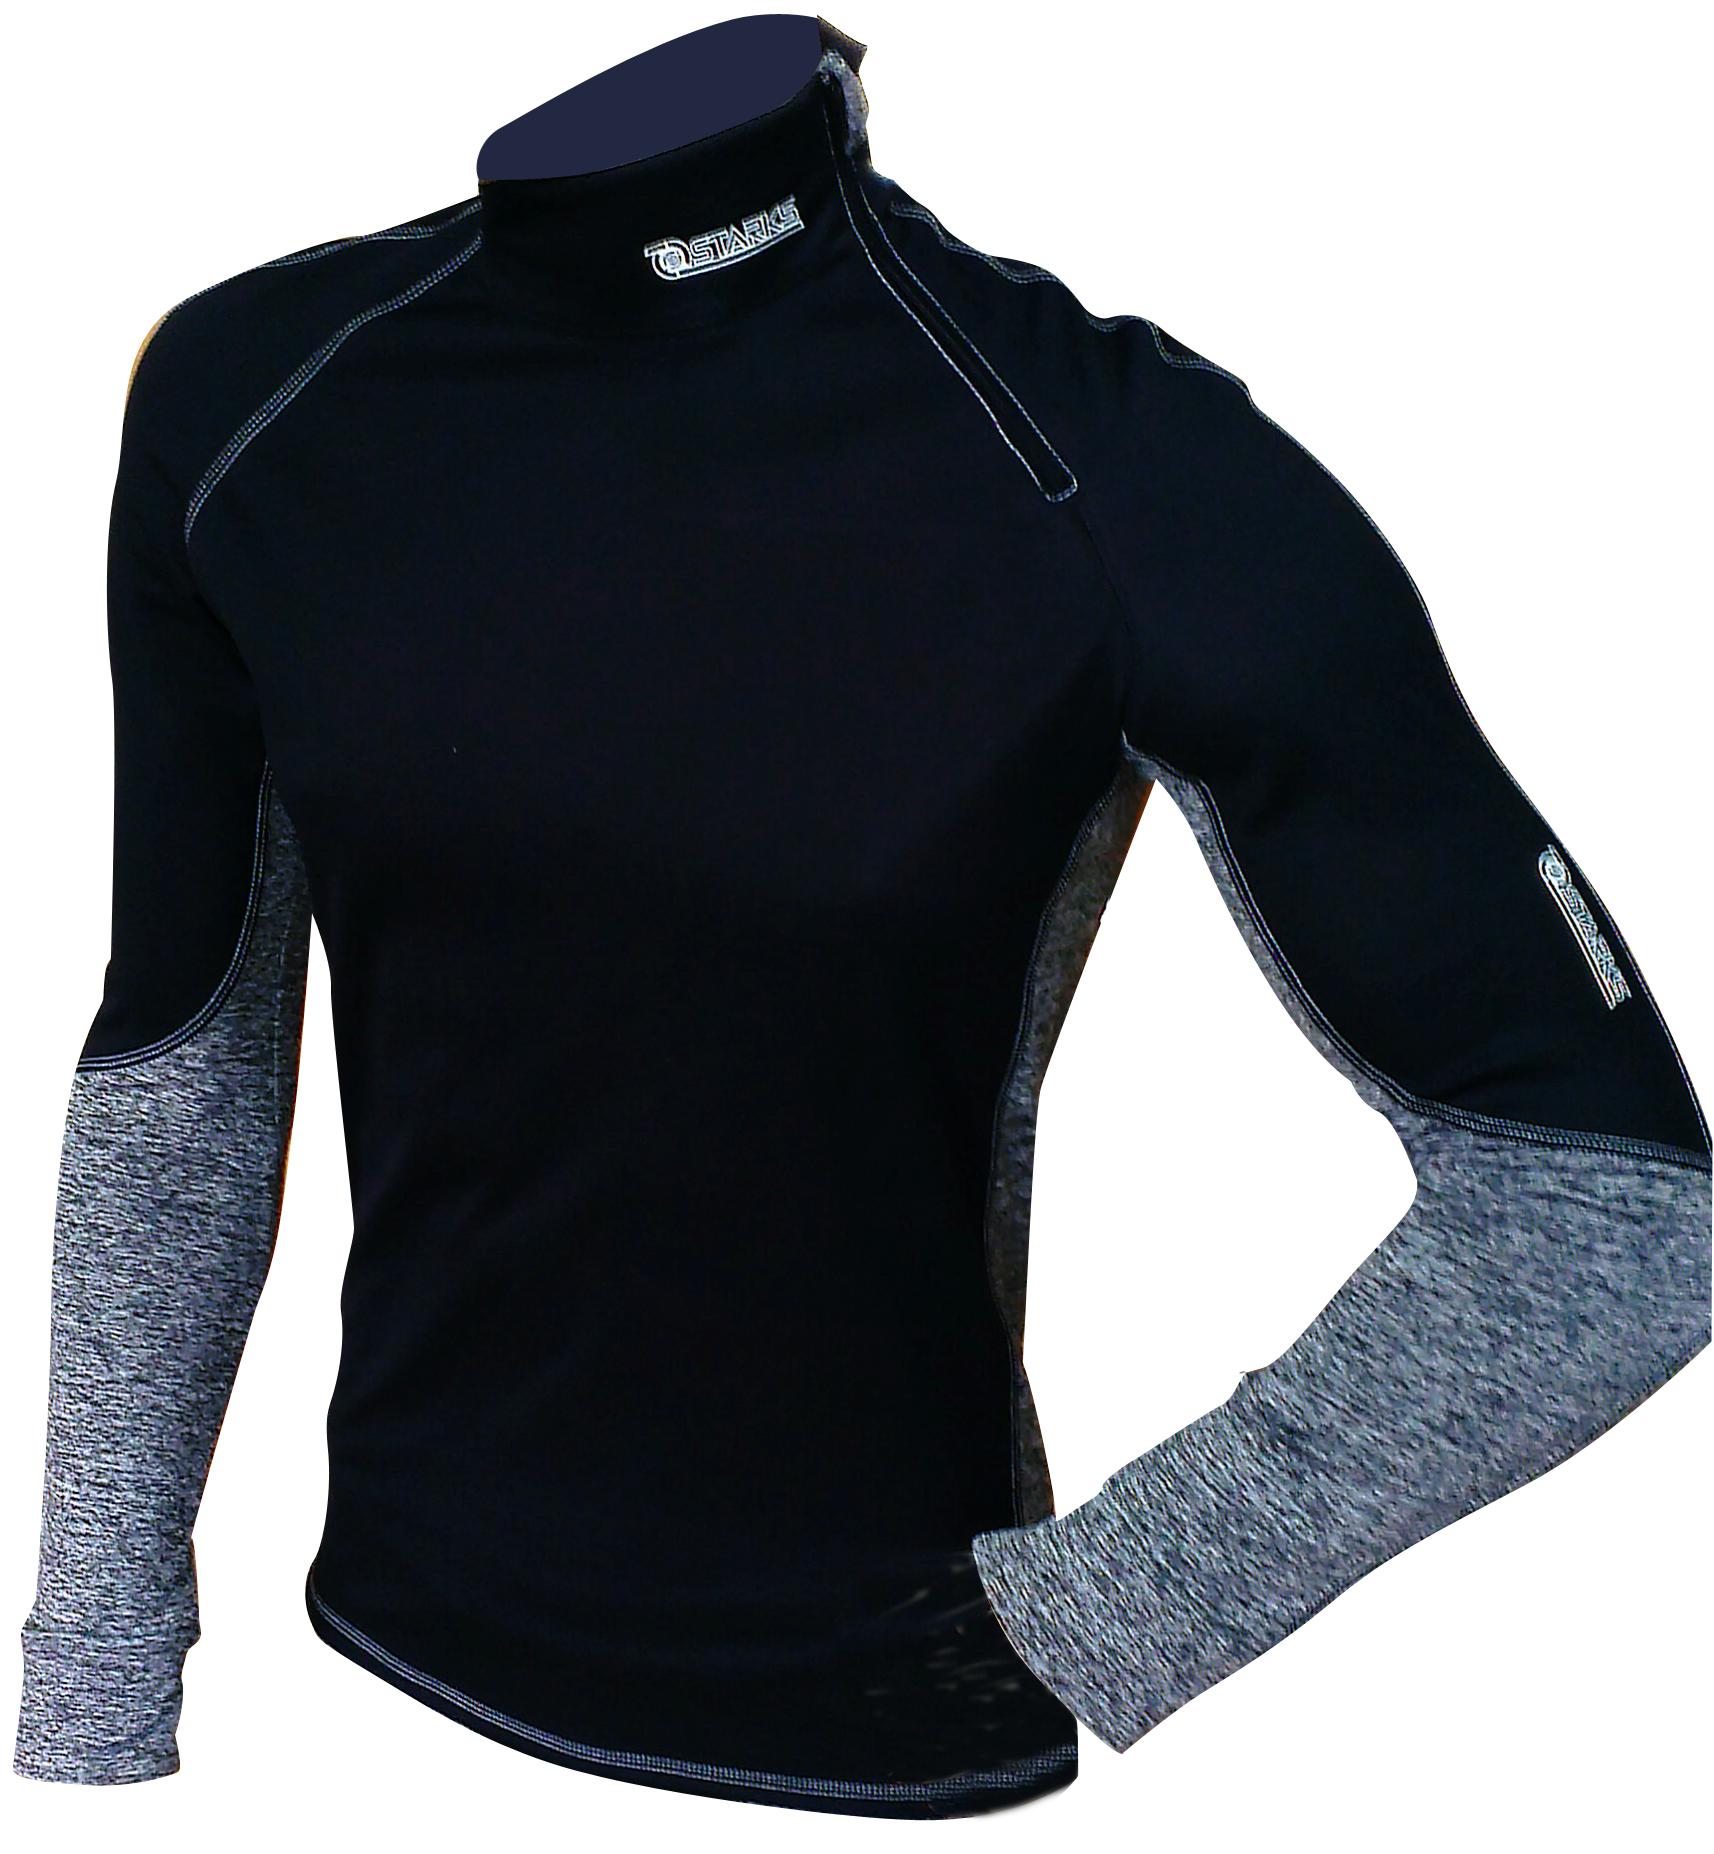 Термобелье кофта Starks Warm Extreme, зимняя, цвет: черный. Размер MЛЦ0024_Mвысокотехнологичное термобелье, гарантированно на 100% не пропускает ветер, хорошо тянется и выпускает влагу наружу. Белье рекомендуется для использования не только спортсменам зимних видов спорта, но и парашютистам, мотоциклистам, велосипедистам -всем кто испытывает дискомфорт при сильном ветре, повышенной влажности. Анатомическое, выполнено из Европейской сертифицированной ткани Polarstretchи Windstopper. Высокие эластичные свойства материала позволяют белью максимально повторять индивидуальную анатомию тела. Отличные влагоотводящиесвойства, позволяют телу оставаться сухим. Термоизоляционные свойства, позволяют исключить переохлаждение или перегрев. Воротник стойка обеспечивает защиту шеи от холода. Молния -легкое одевание кофты. Особенности: STOP BACTERIA-Ткань с ионами серебра, предотвращает образование и развитие бактерий. Исключено образование запаха. Защита от перегрева или переохлаждения Система мягких и плоских швов Гипоаллергенно Состав:...